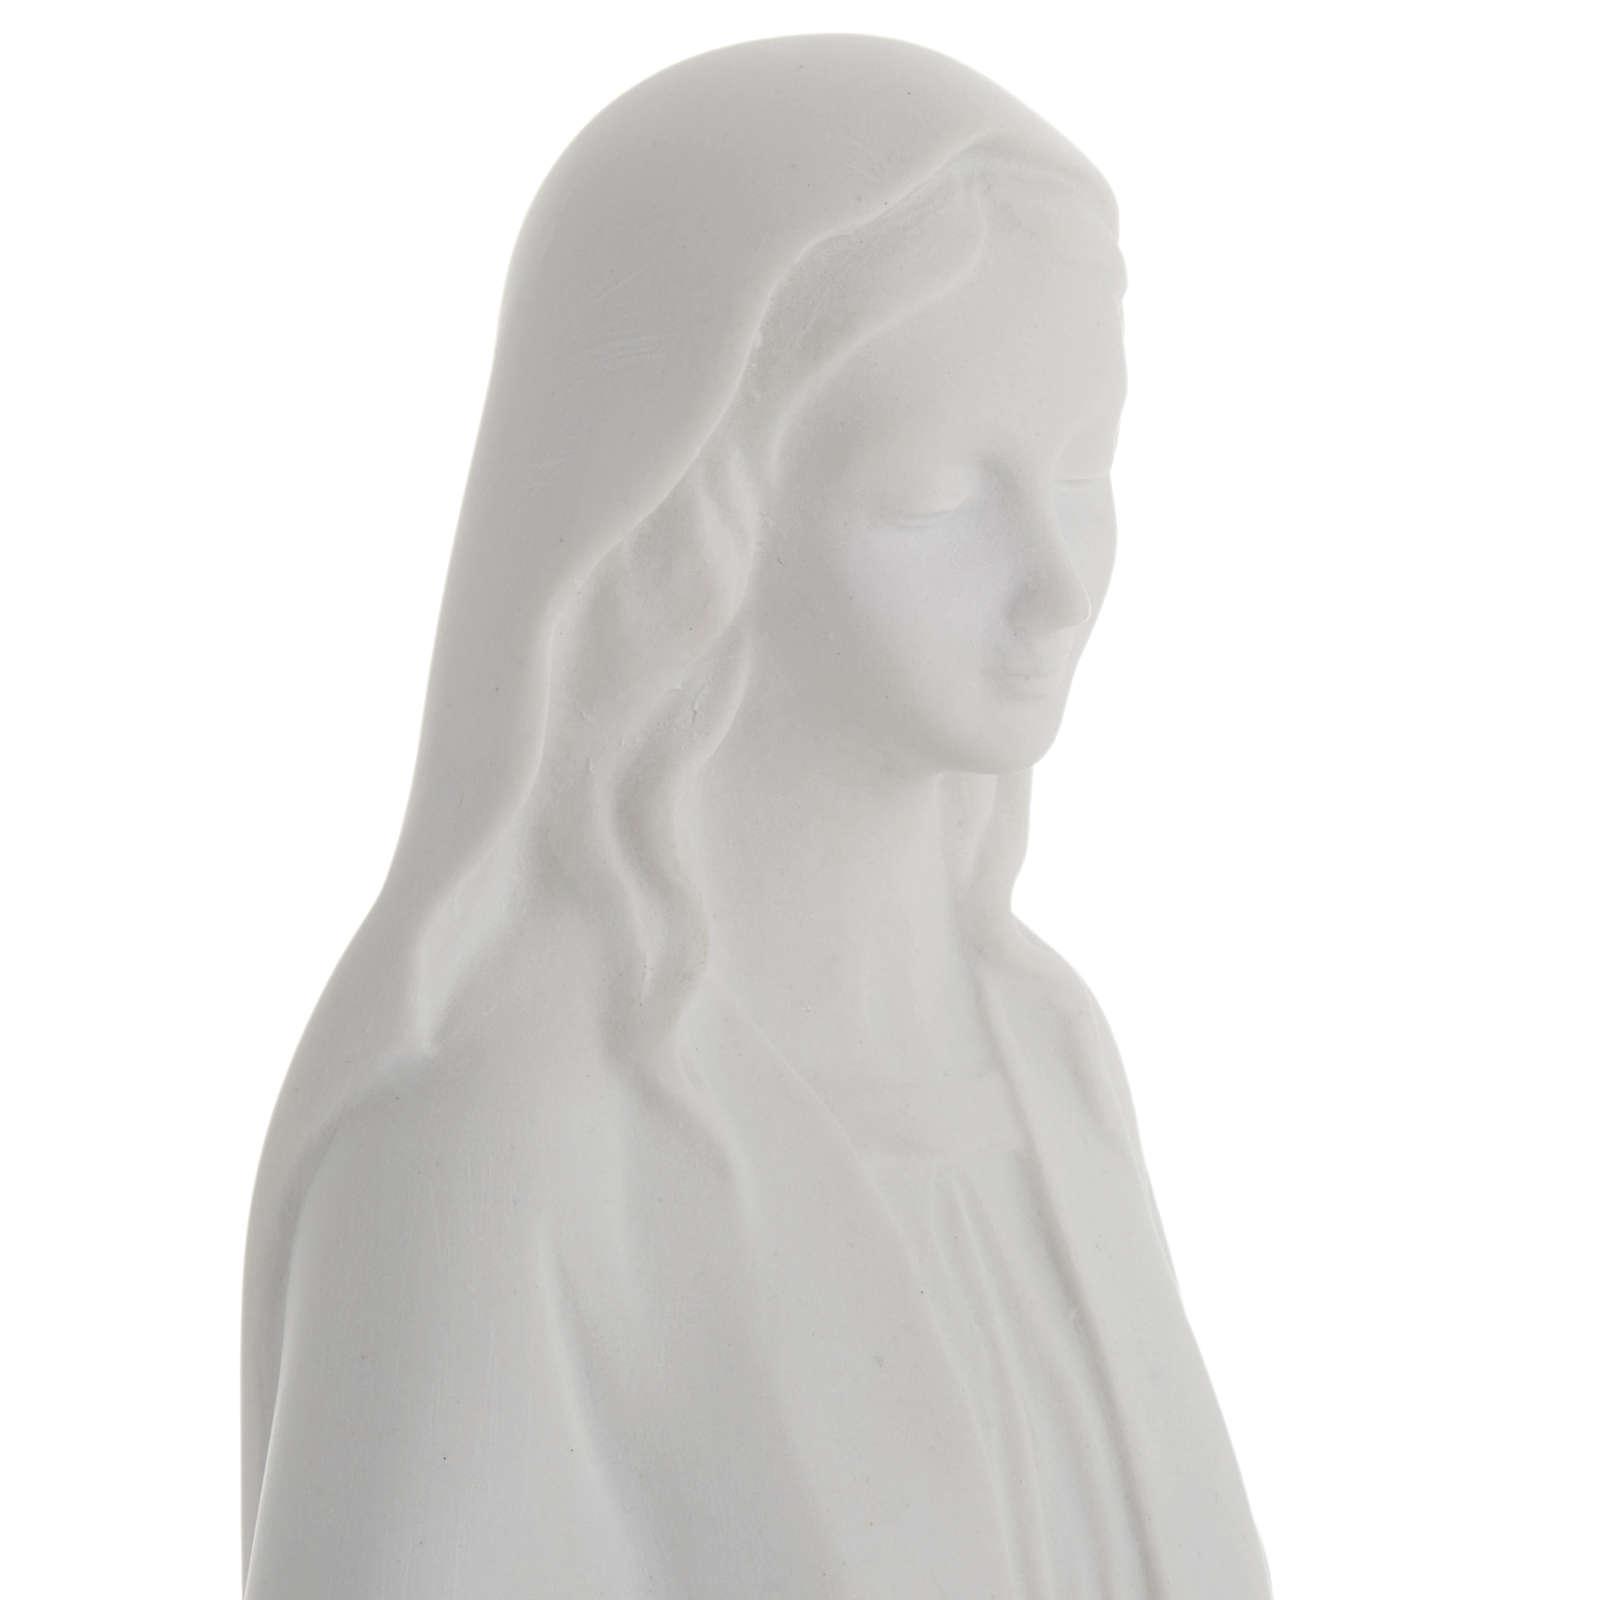 Estatua de la Virgen Inmaculada mármol sintético 4